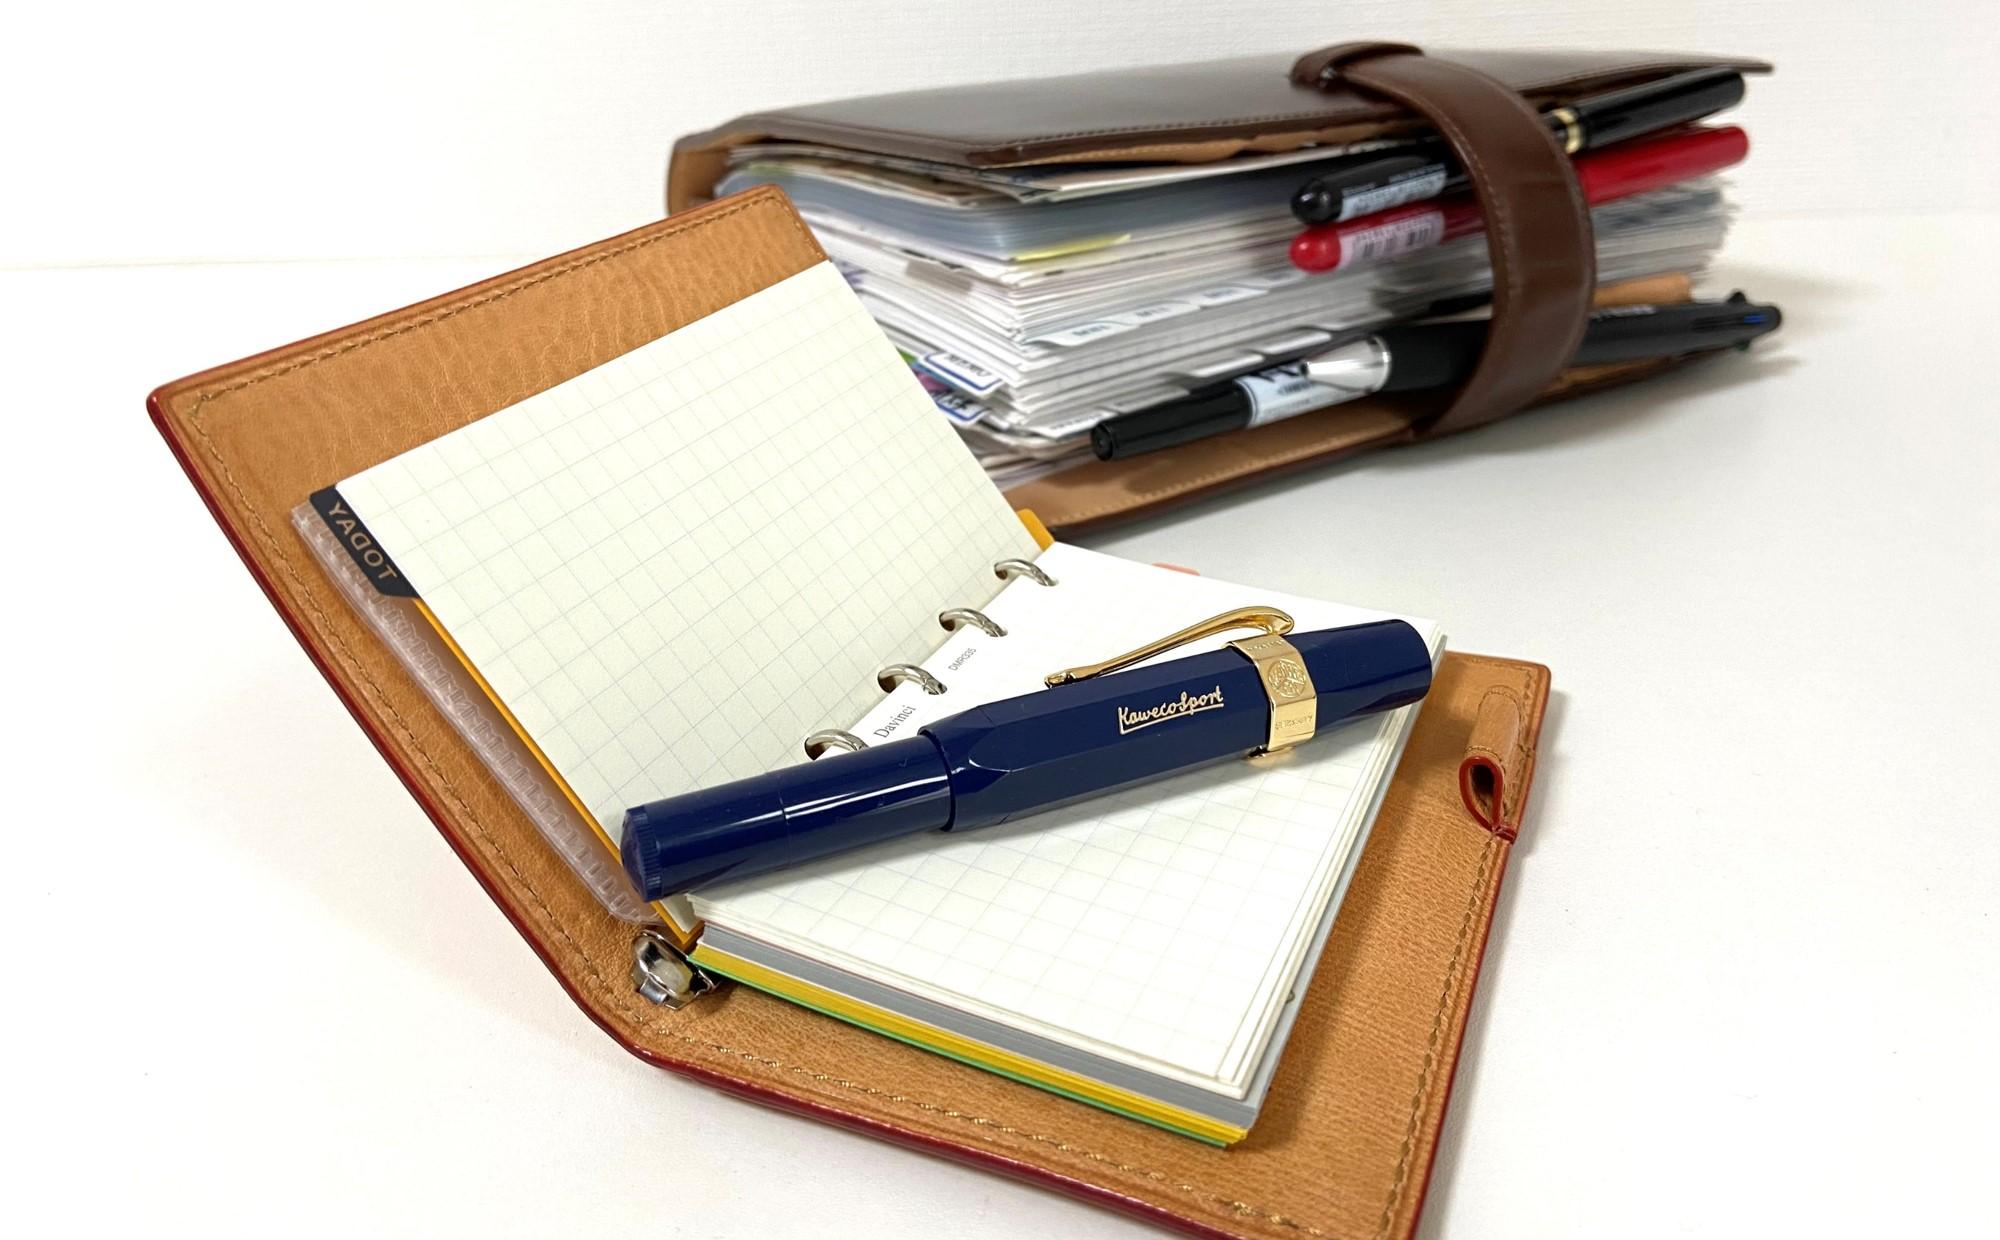 【手帳術】年間計画を作ろう!1年を実りあるものにするための秘訣とは?